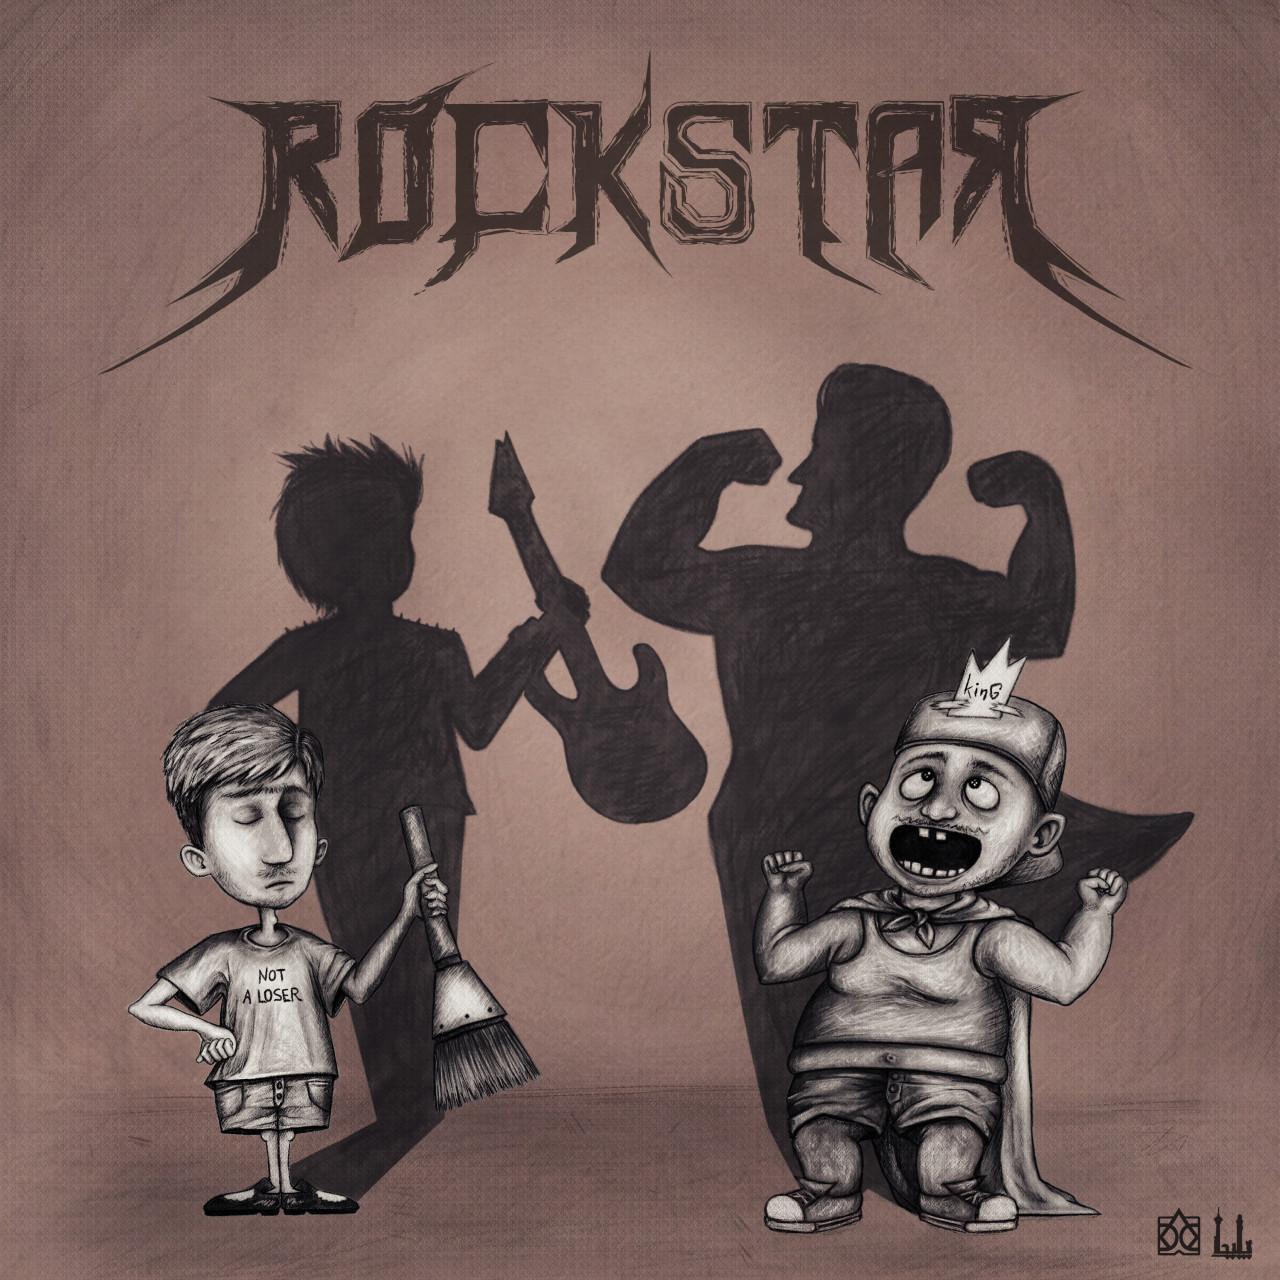 Erfan - RockStar